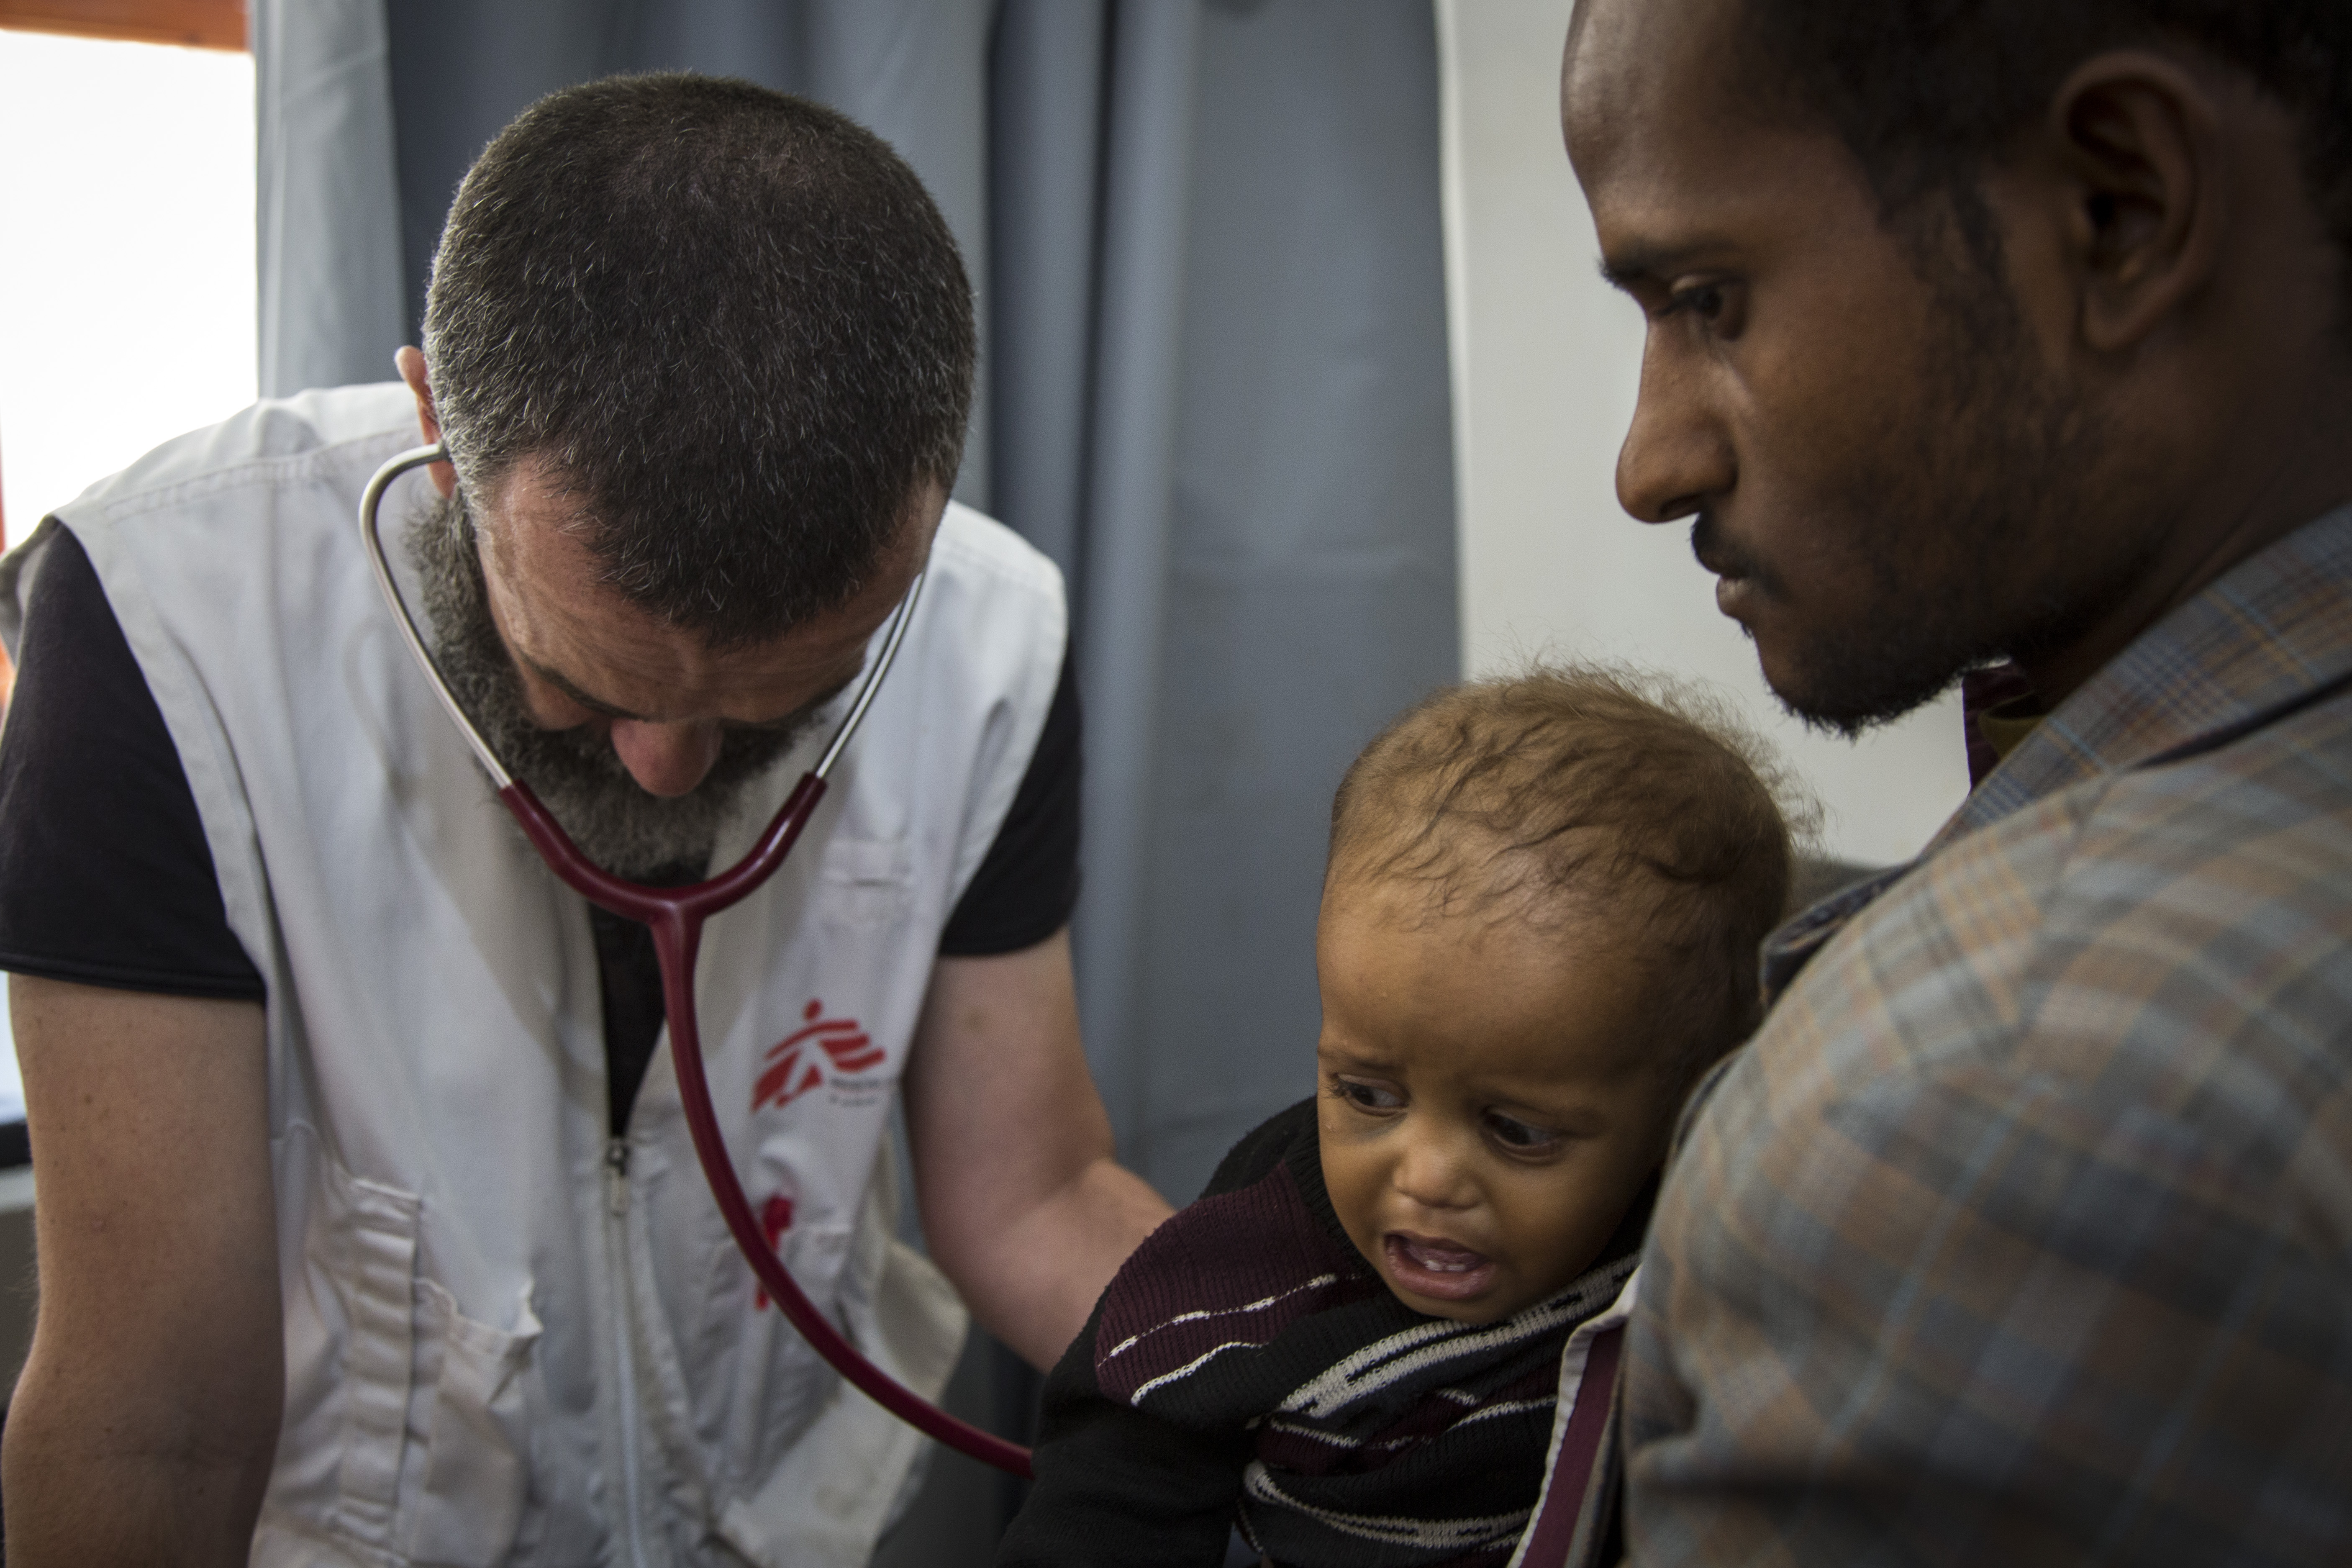 Det er svært for flere udviklingslande at få adgang til medicin. For eksempel er prisen på vaccine mod lungebetændelse alt for høj for mange lande.